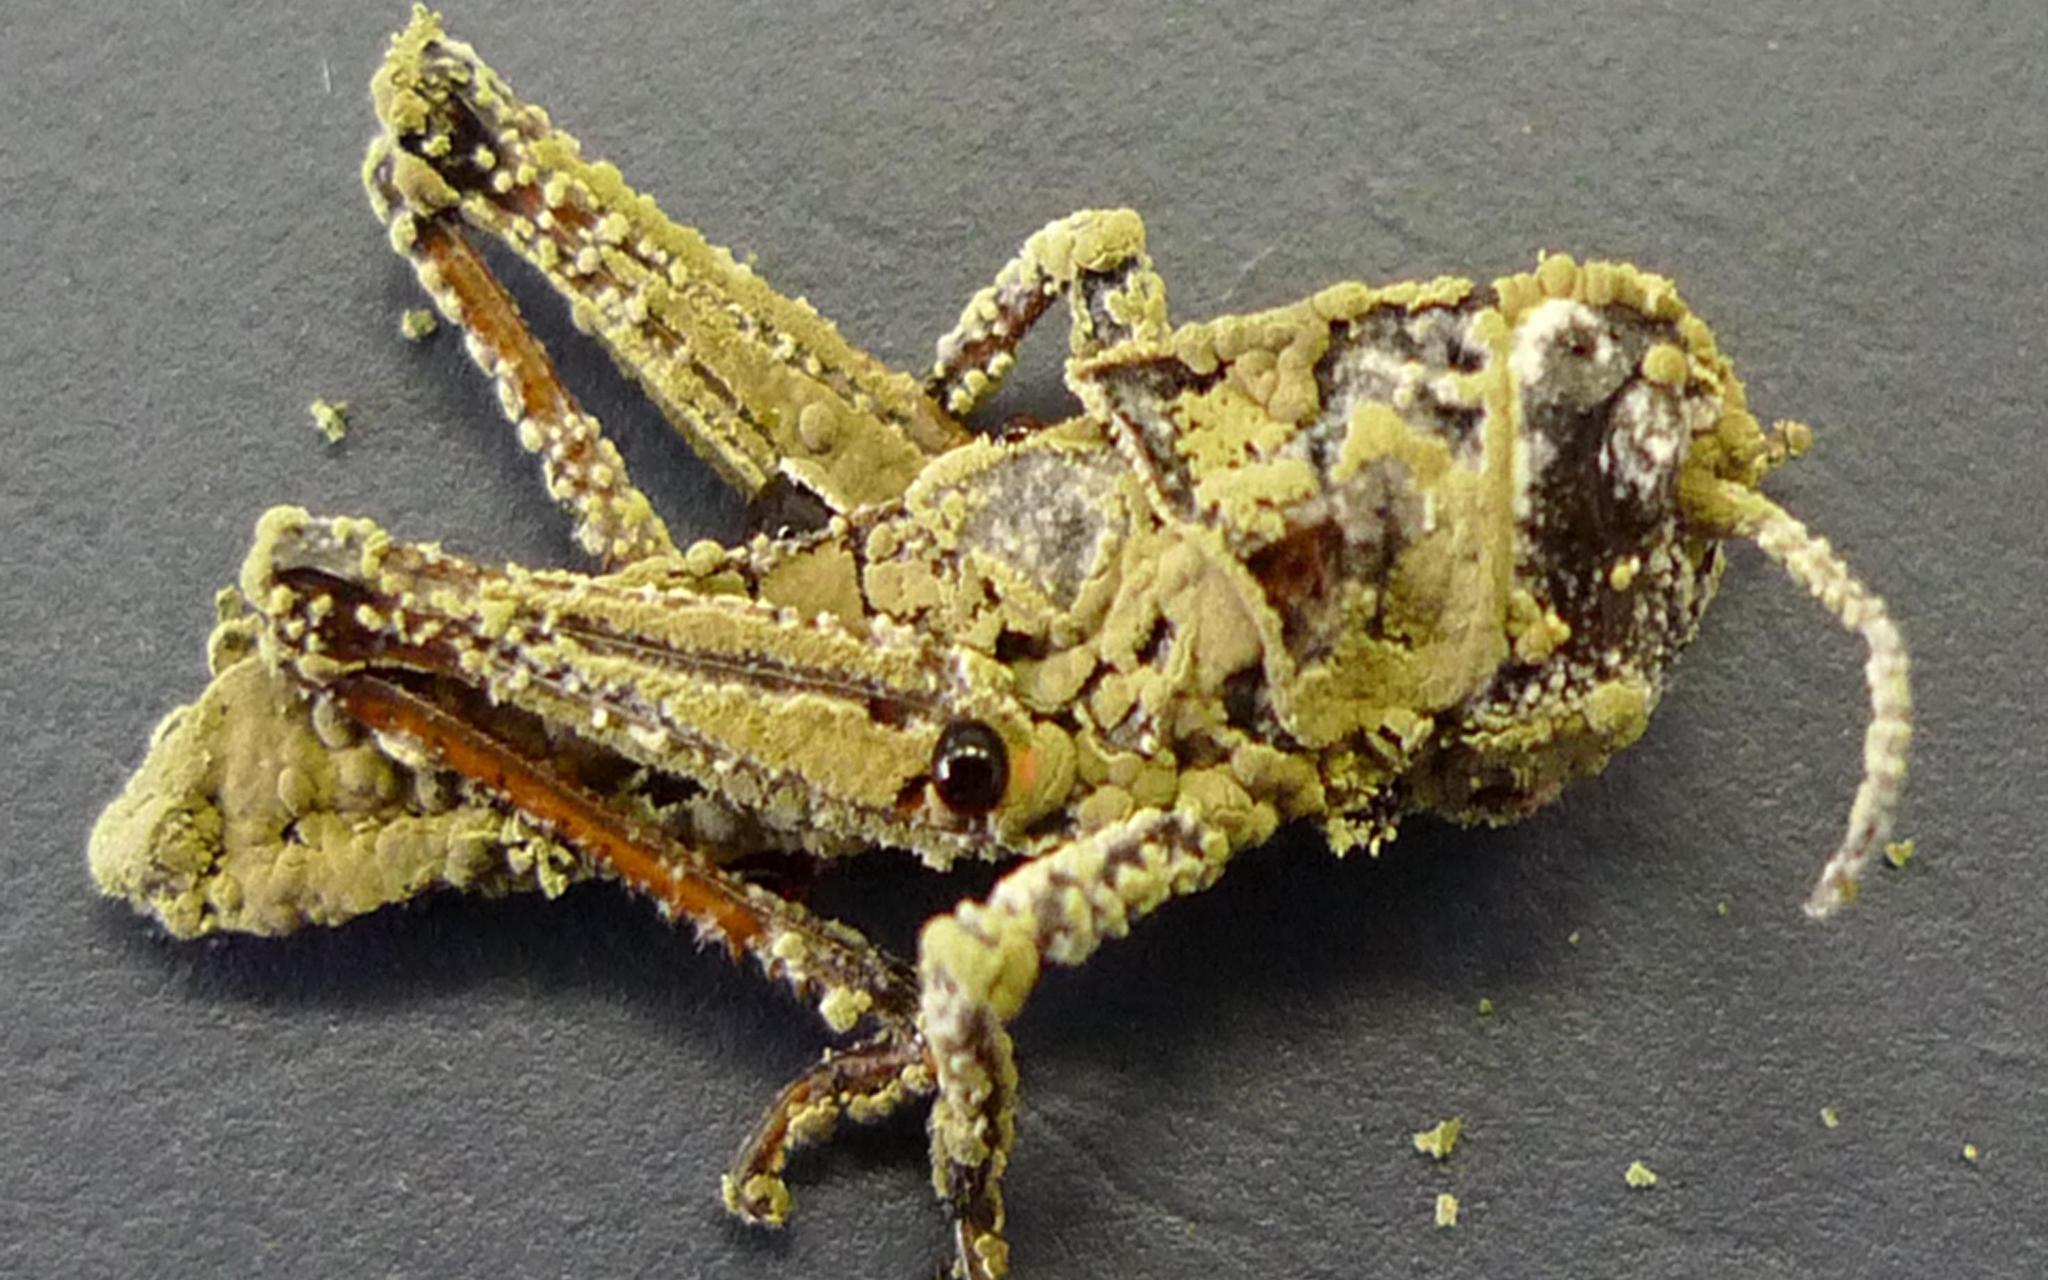 生物防治中被绿僵菌侵染的沙蝗。受访者供图